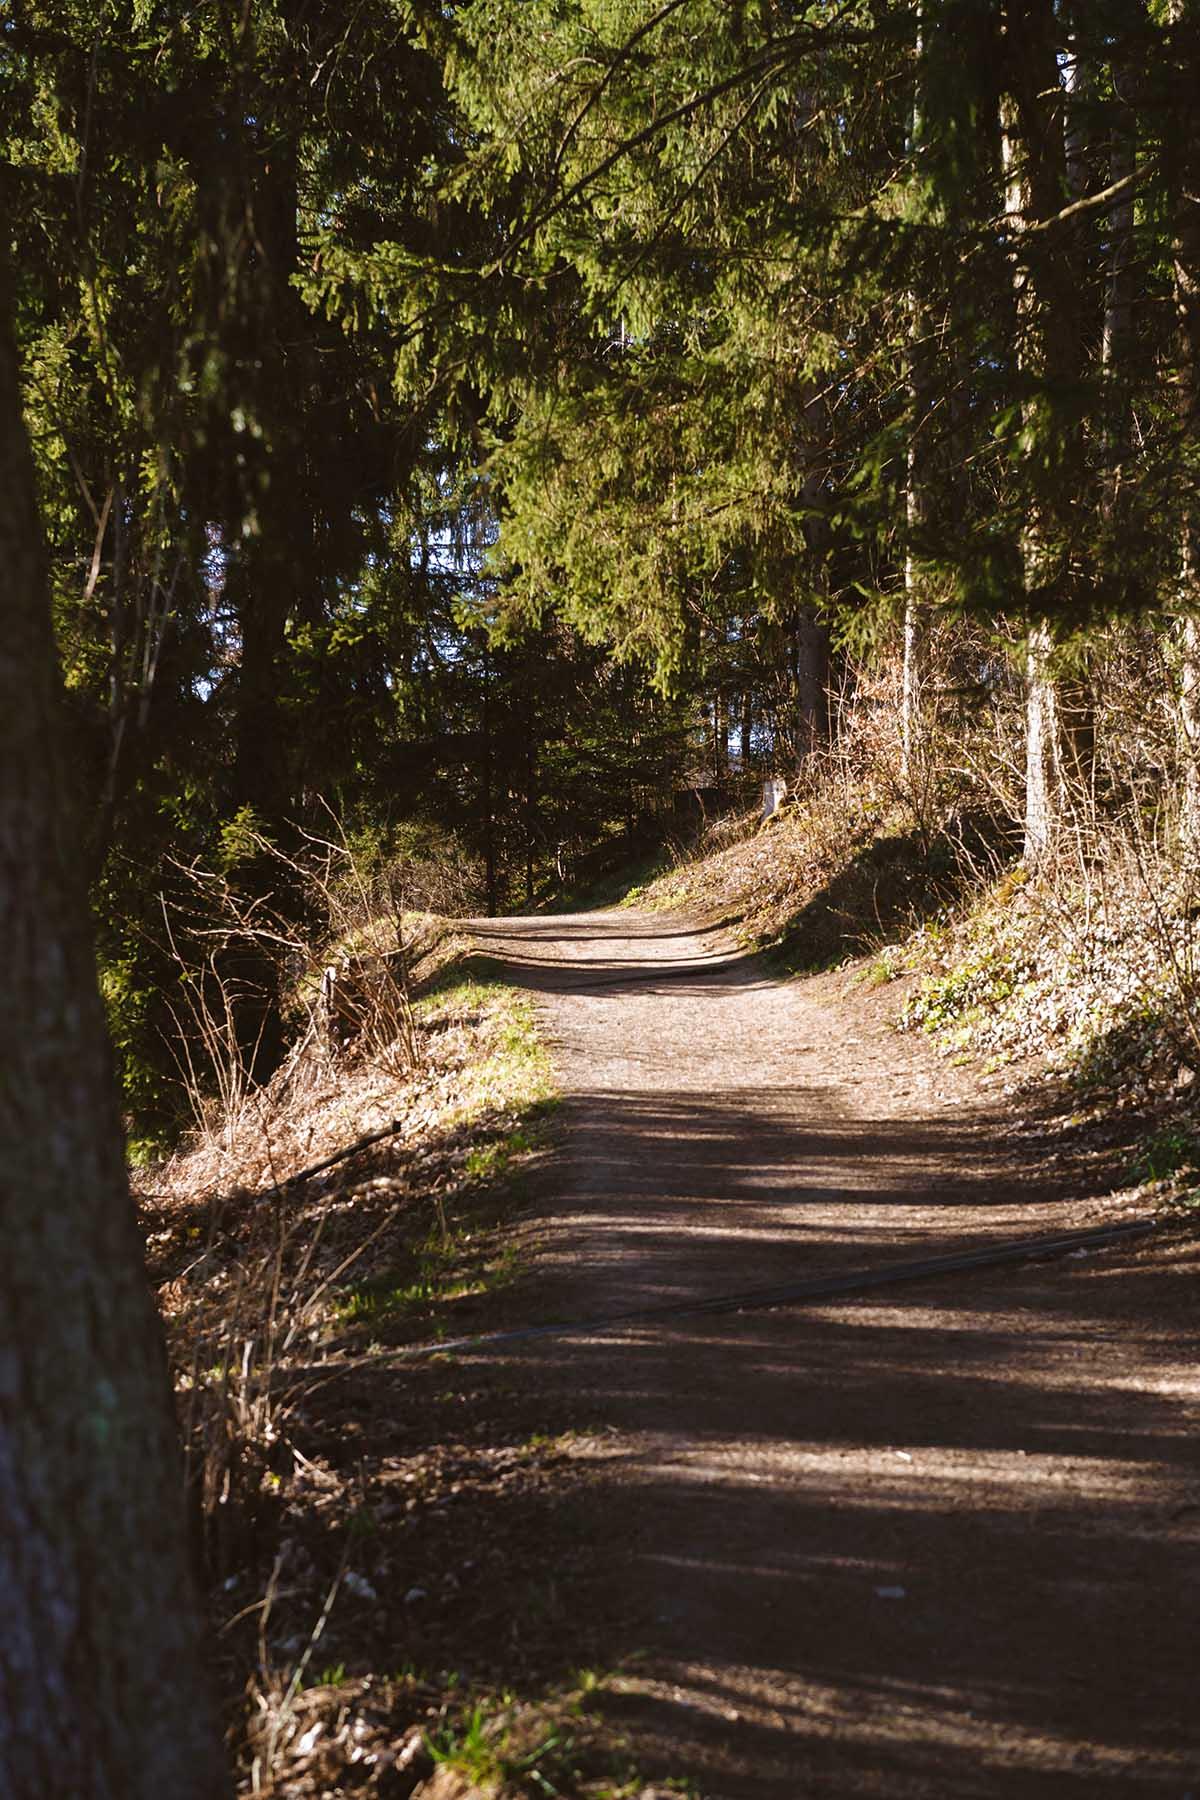 seen-bayerischerwald-freundensee-rundweg